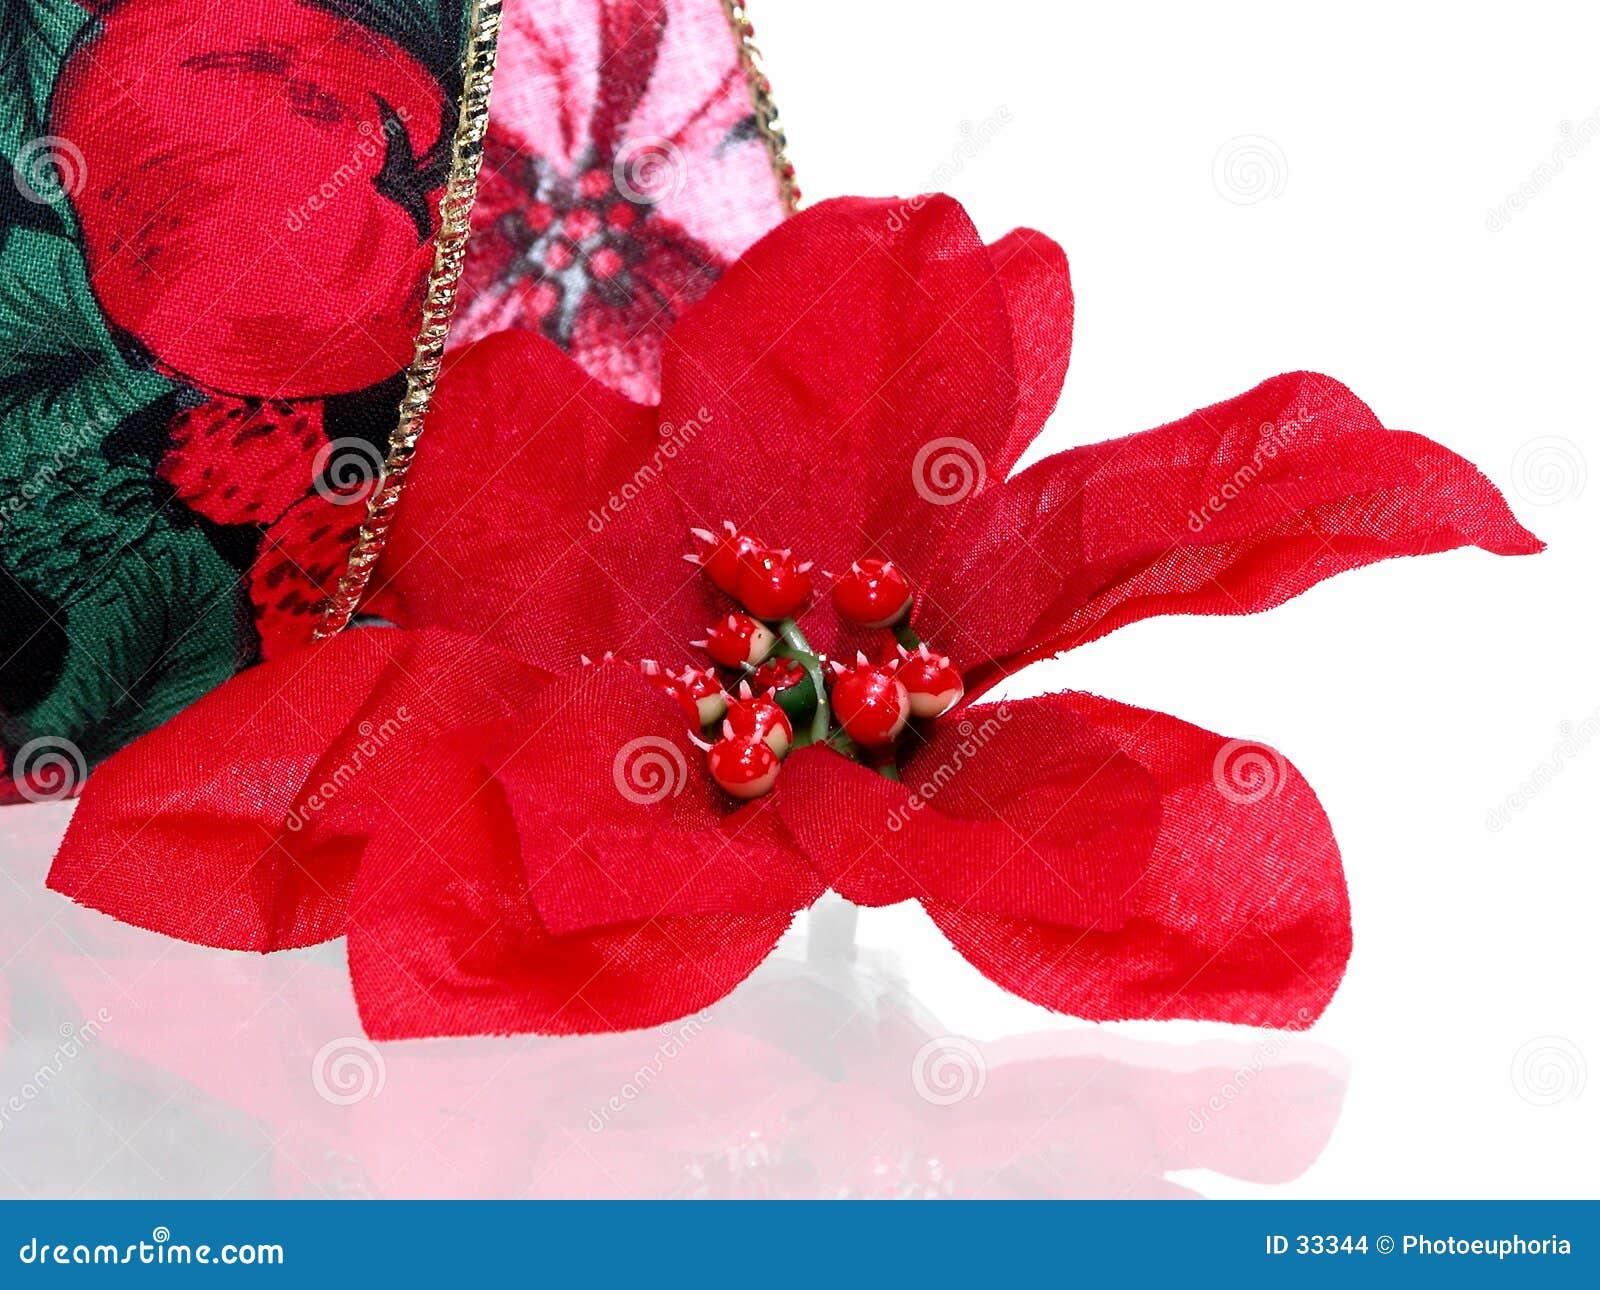 Weihnachten: Künstliche Poinsettia-Blüte